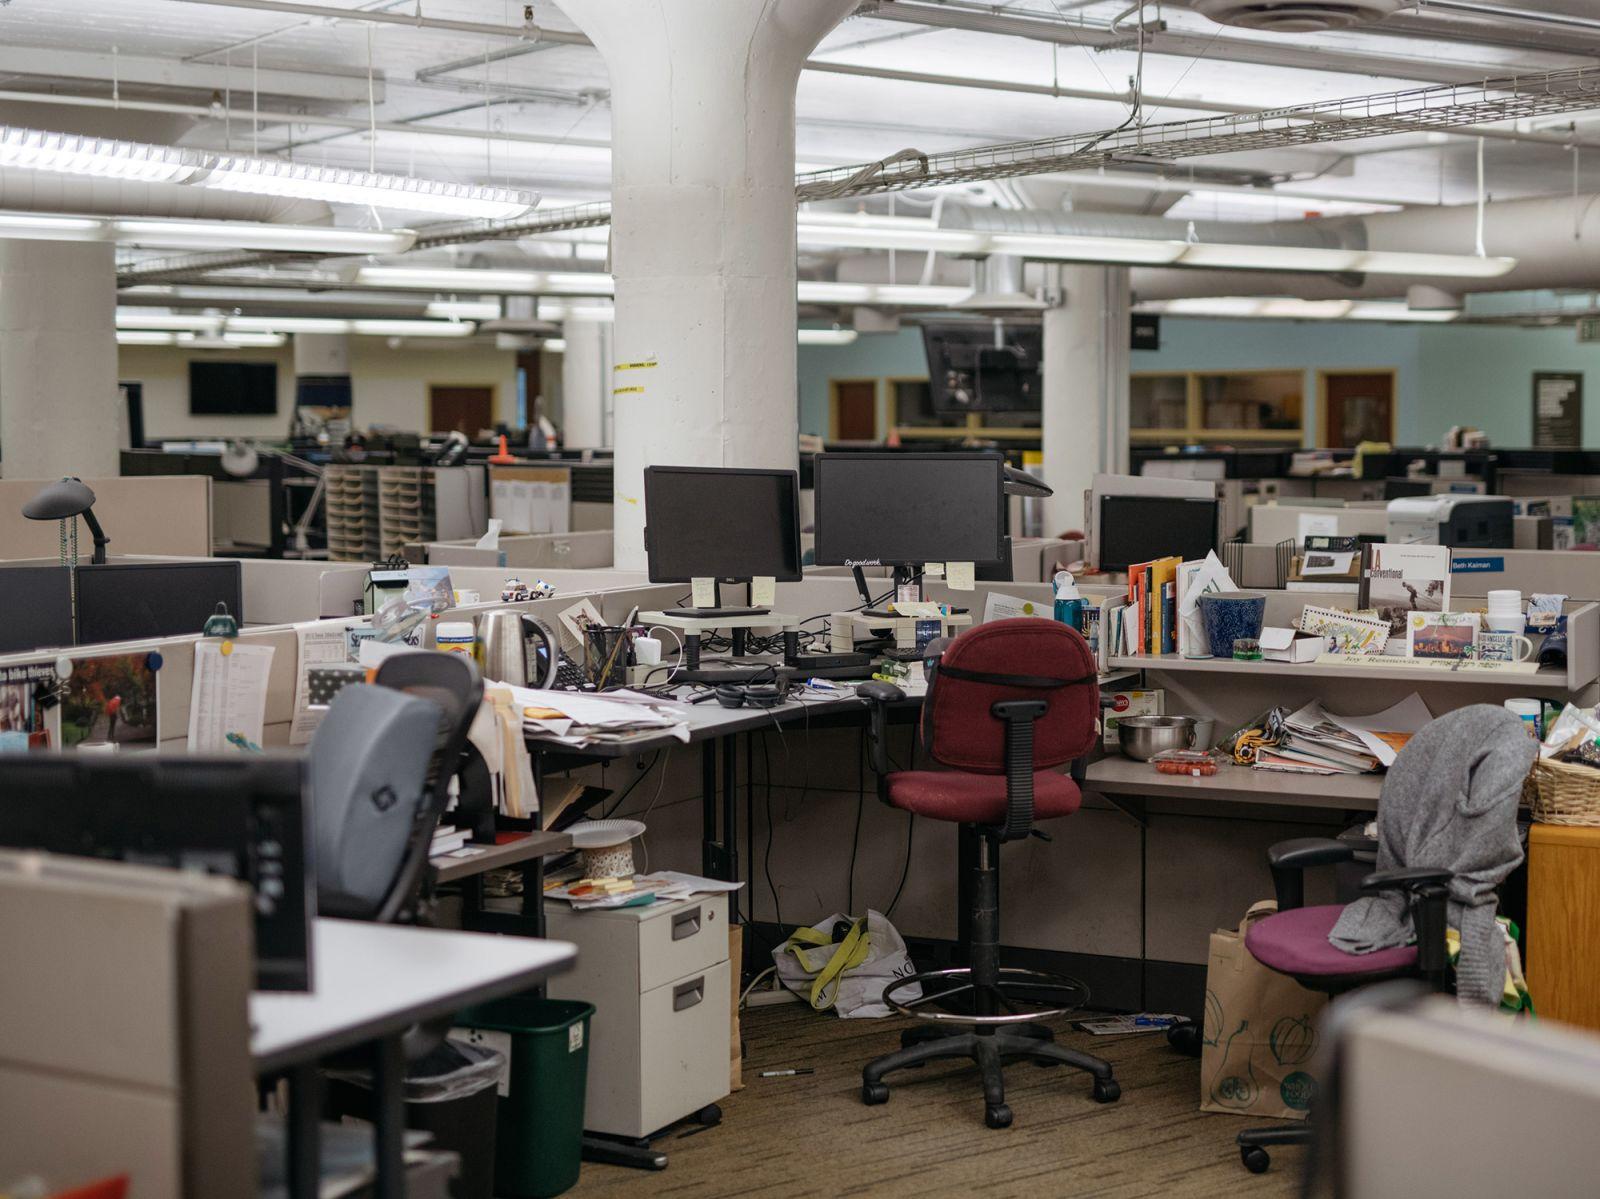 Как стартапы в США умирают из-за коронавируса - 1